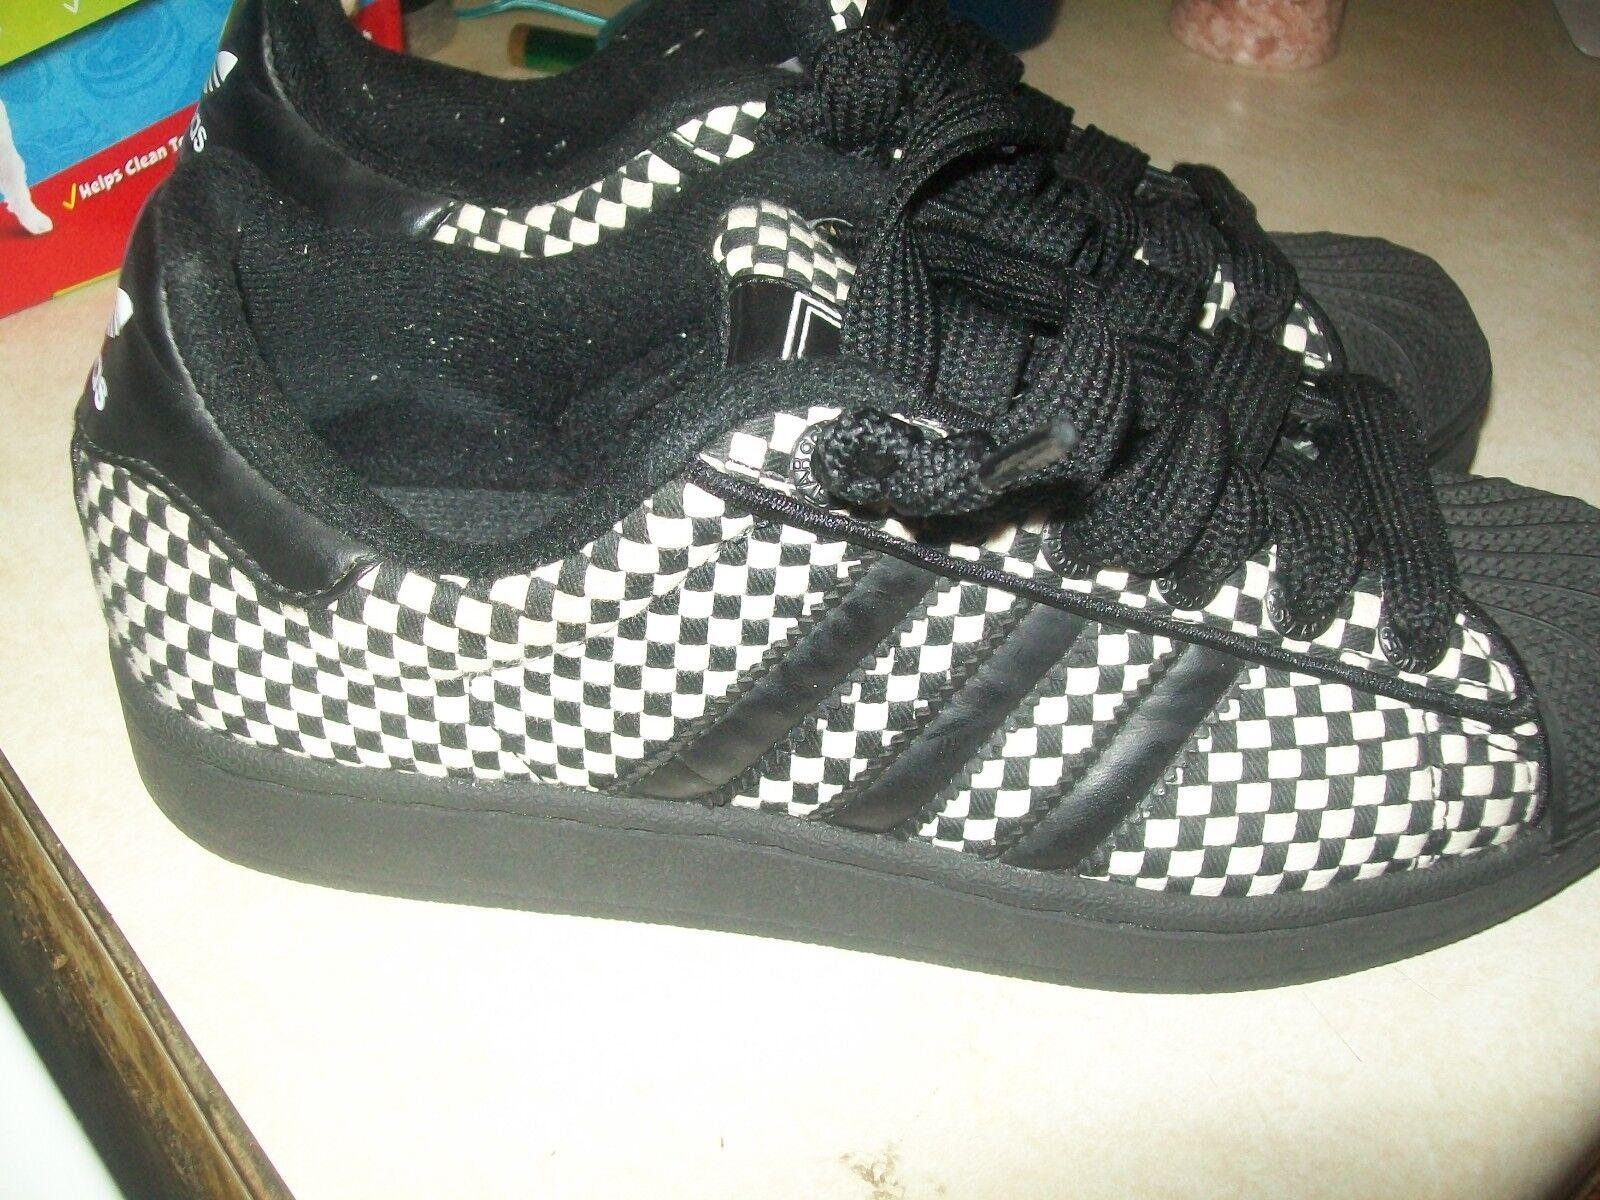 Adidas superstar sehr selten bewegte schwarz / weißen sz männer 6,5 l @ @ k jetzt